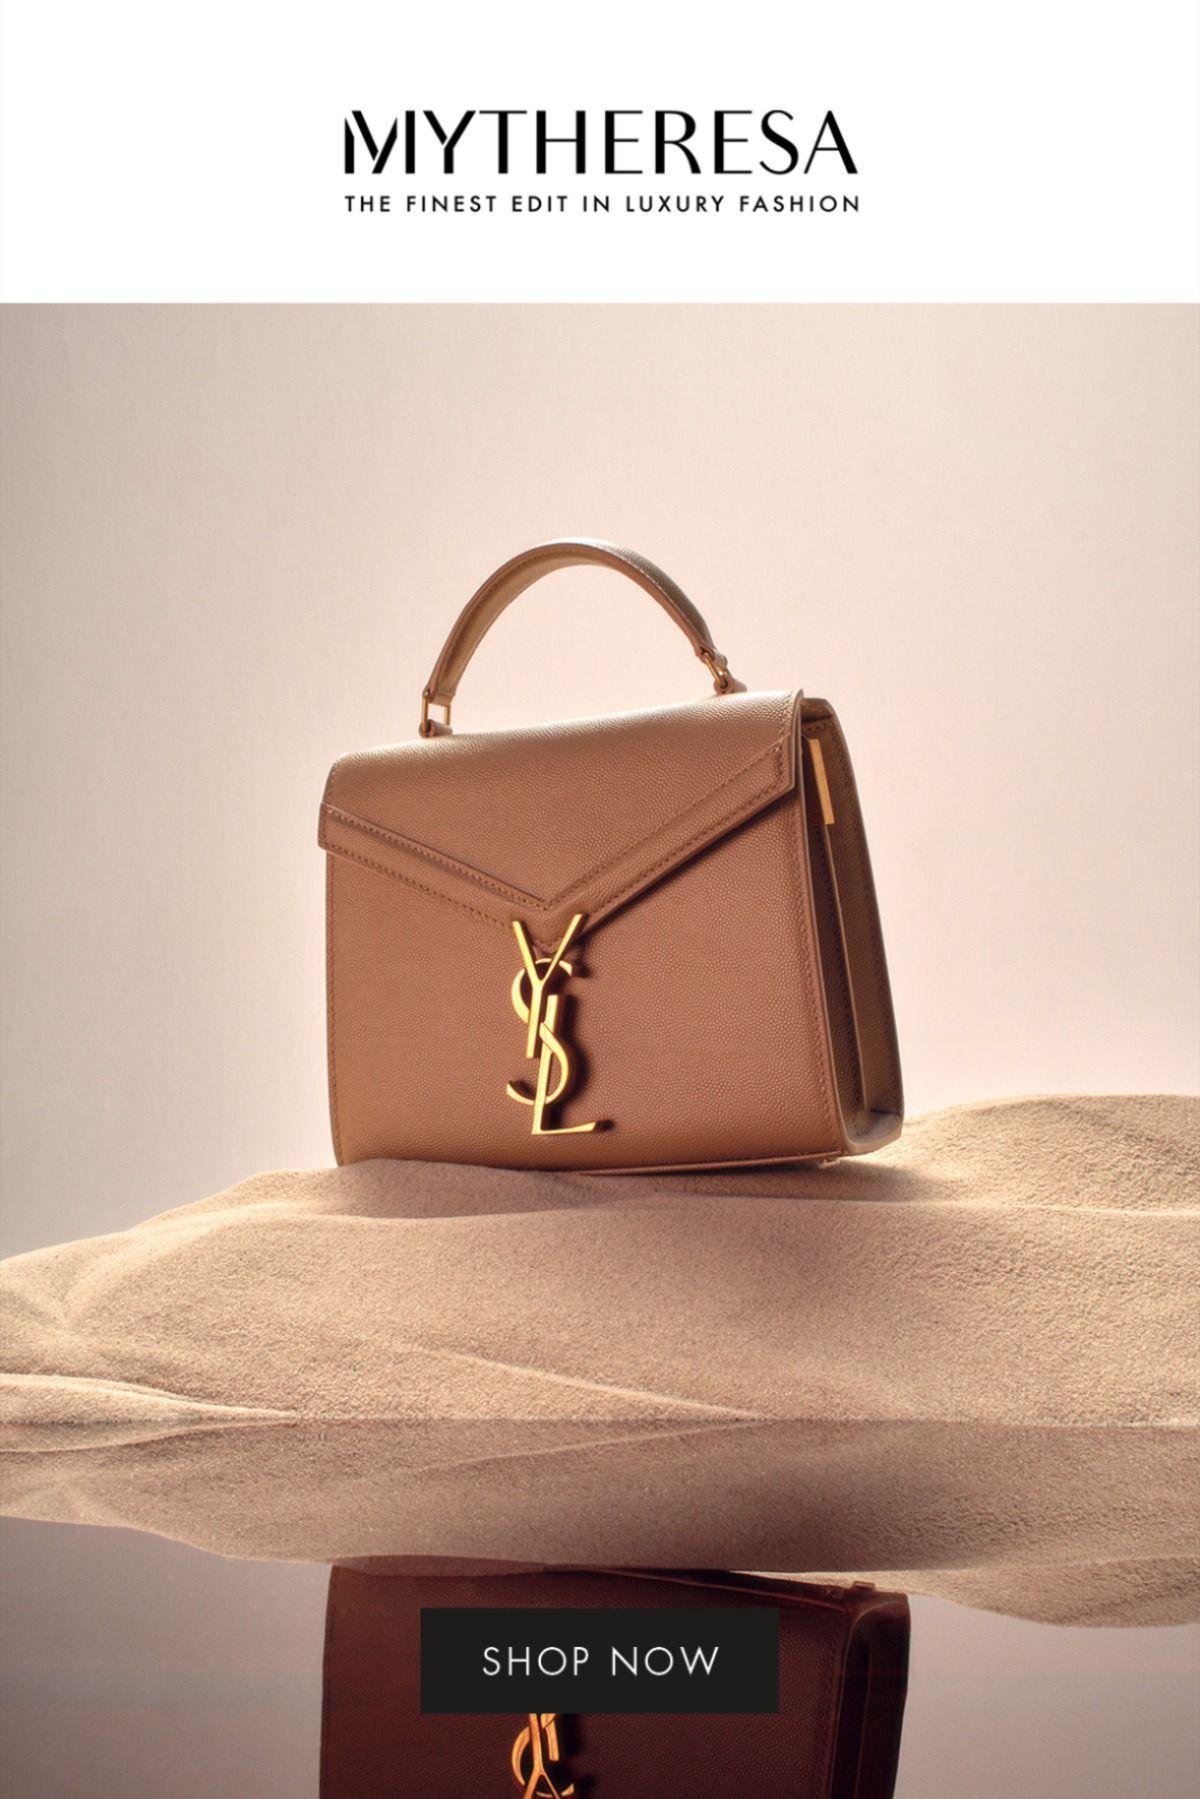 Bei Saint Laurents Taschen Trifft Pariser Chic Auf Cooles Design Shoppen Sie Die Styles Guess Tasche Gurteltasche Umhan Saint Laurent Bag Bags Fashion Bags